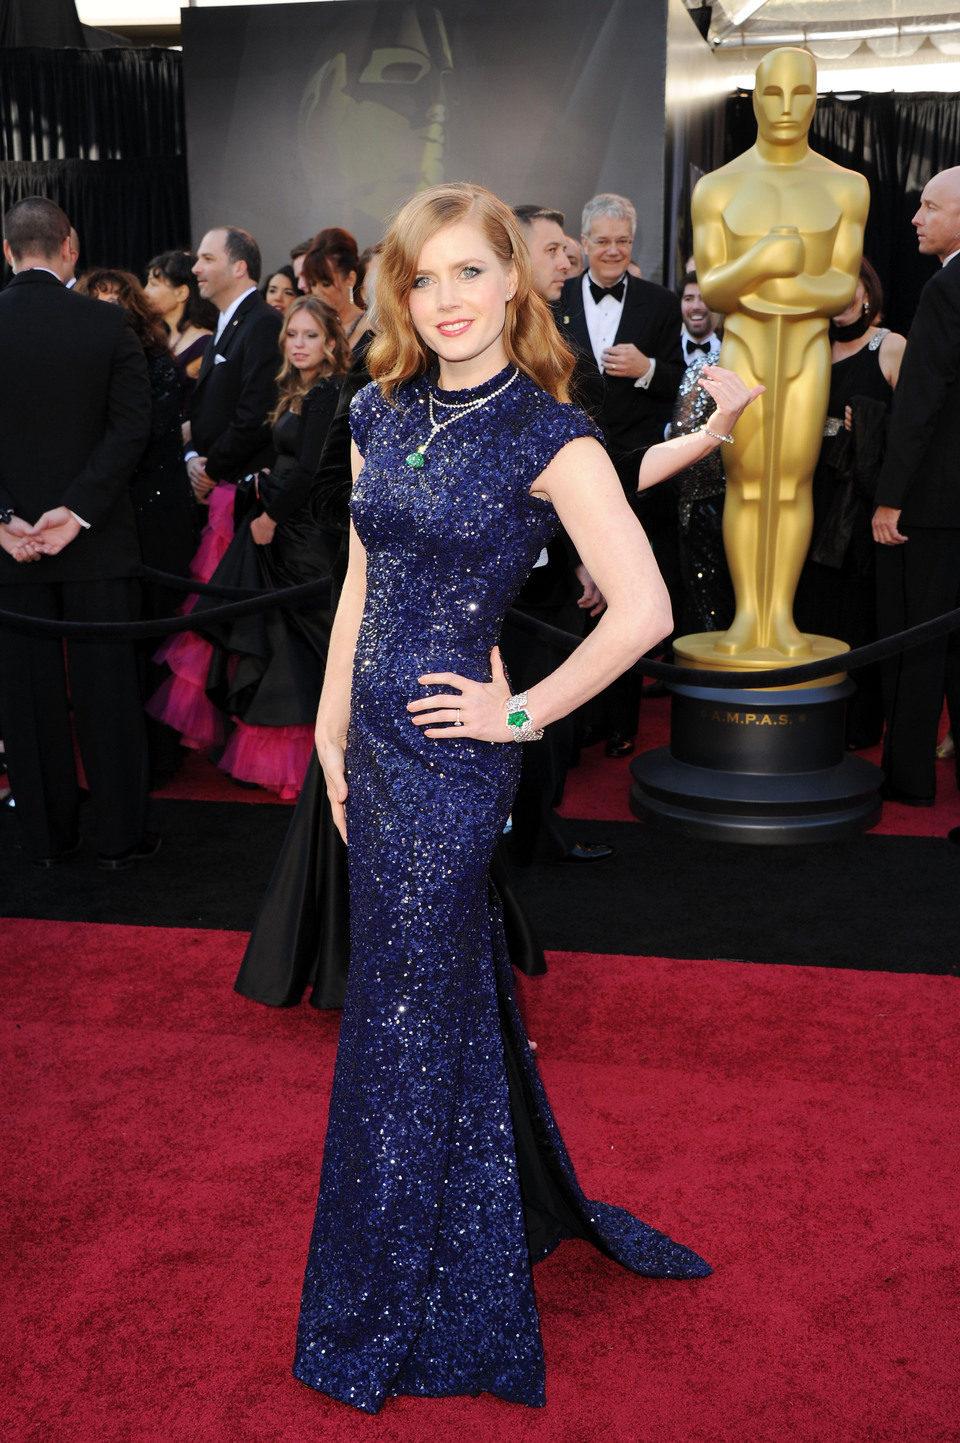 Amy Adams nominada como mejor actriz de reparto en los Oscar 2011